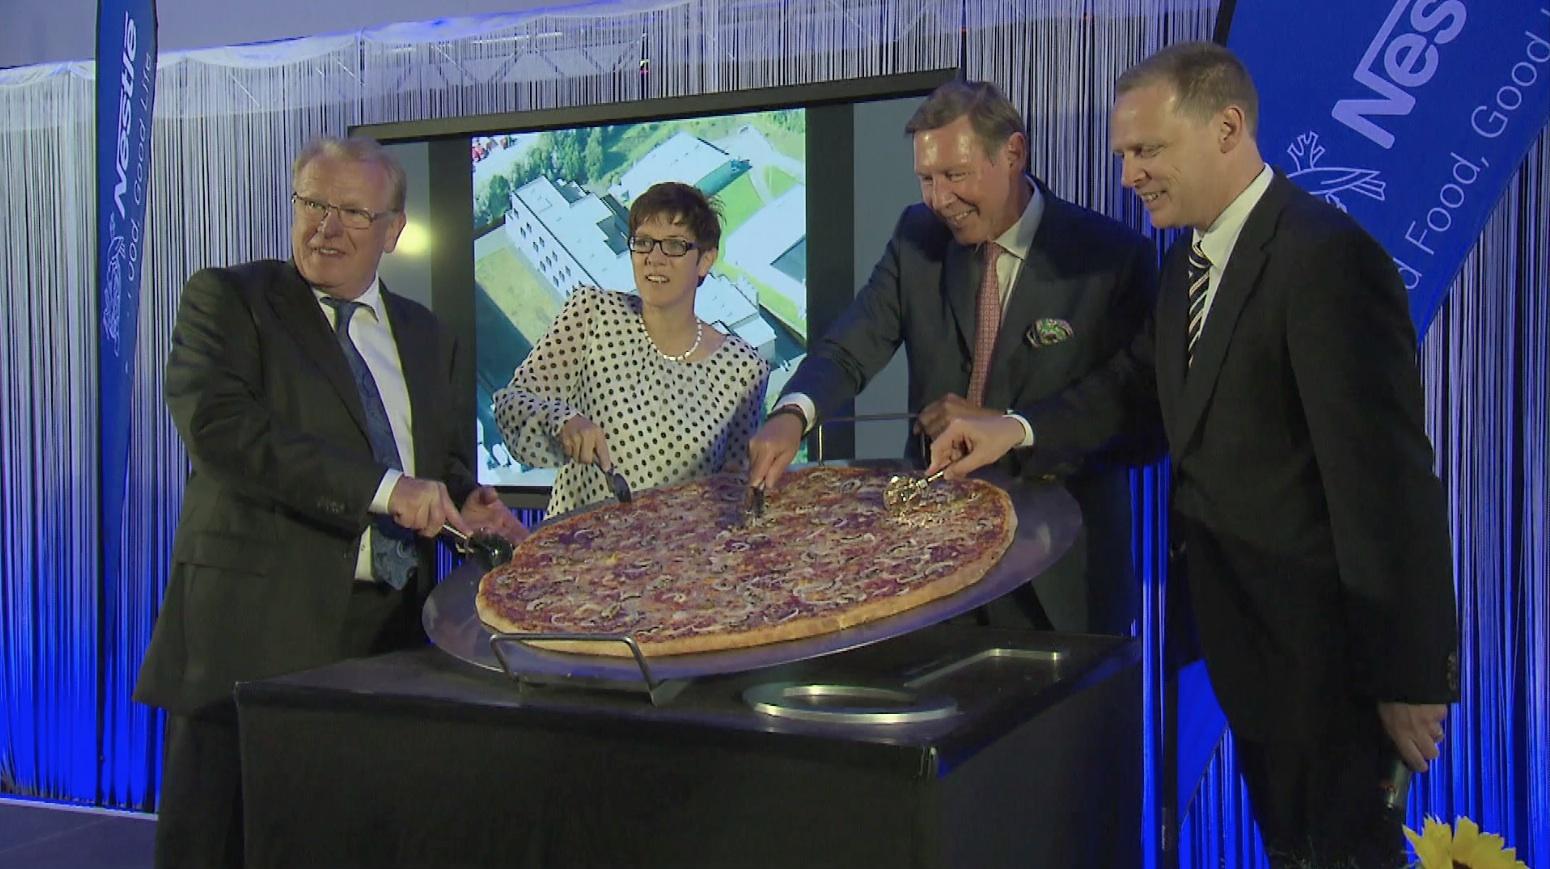 Modernstes Tiefkühlpizza-Werk Europas eröffnet. © spothits/mhoch4tv